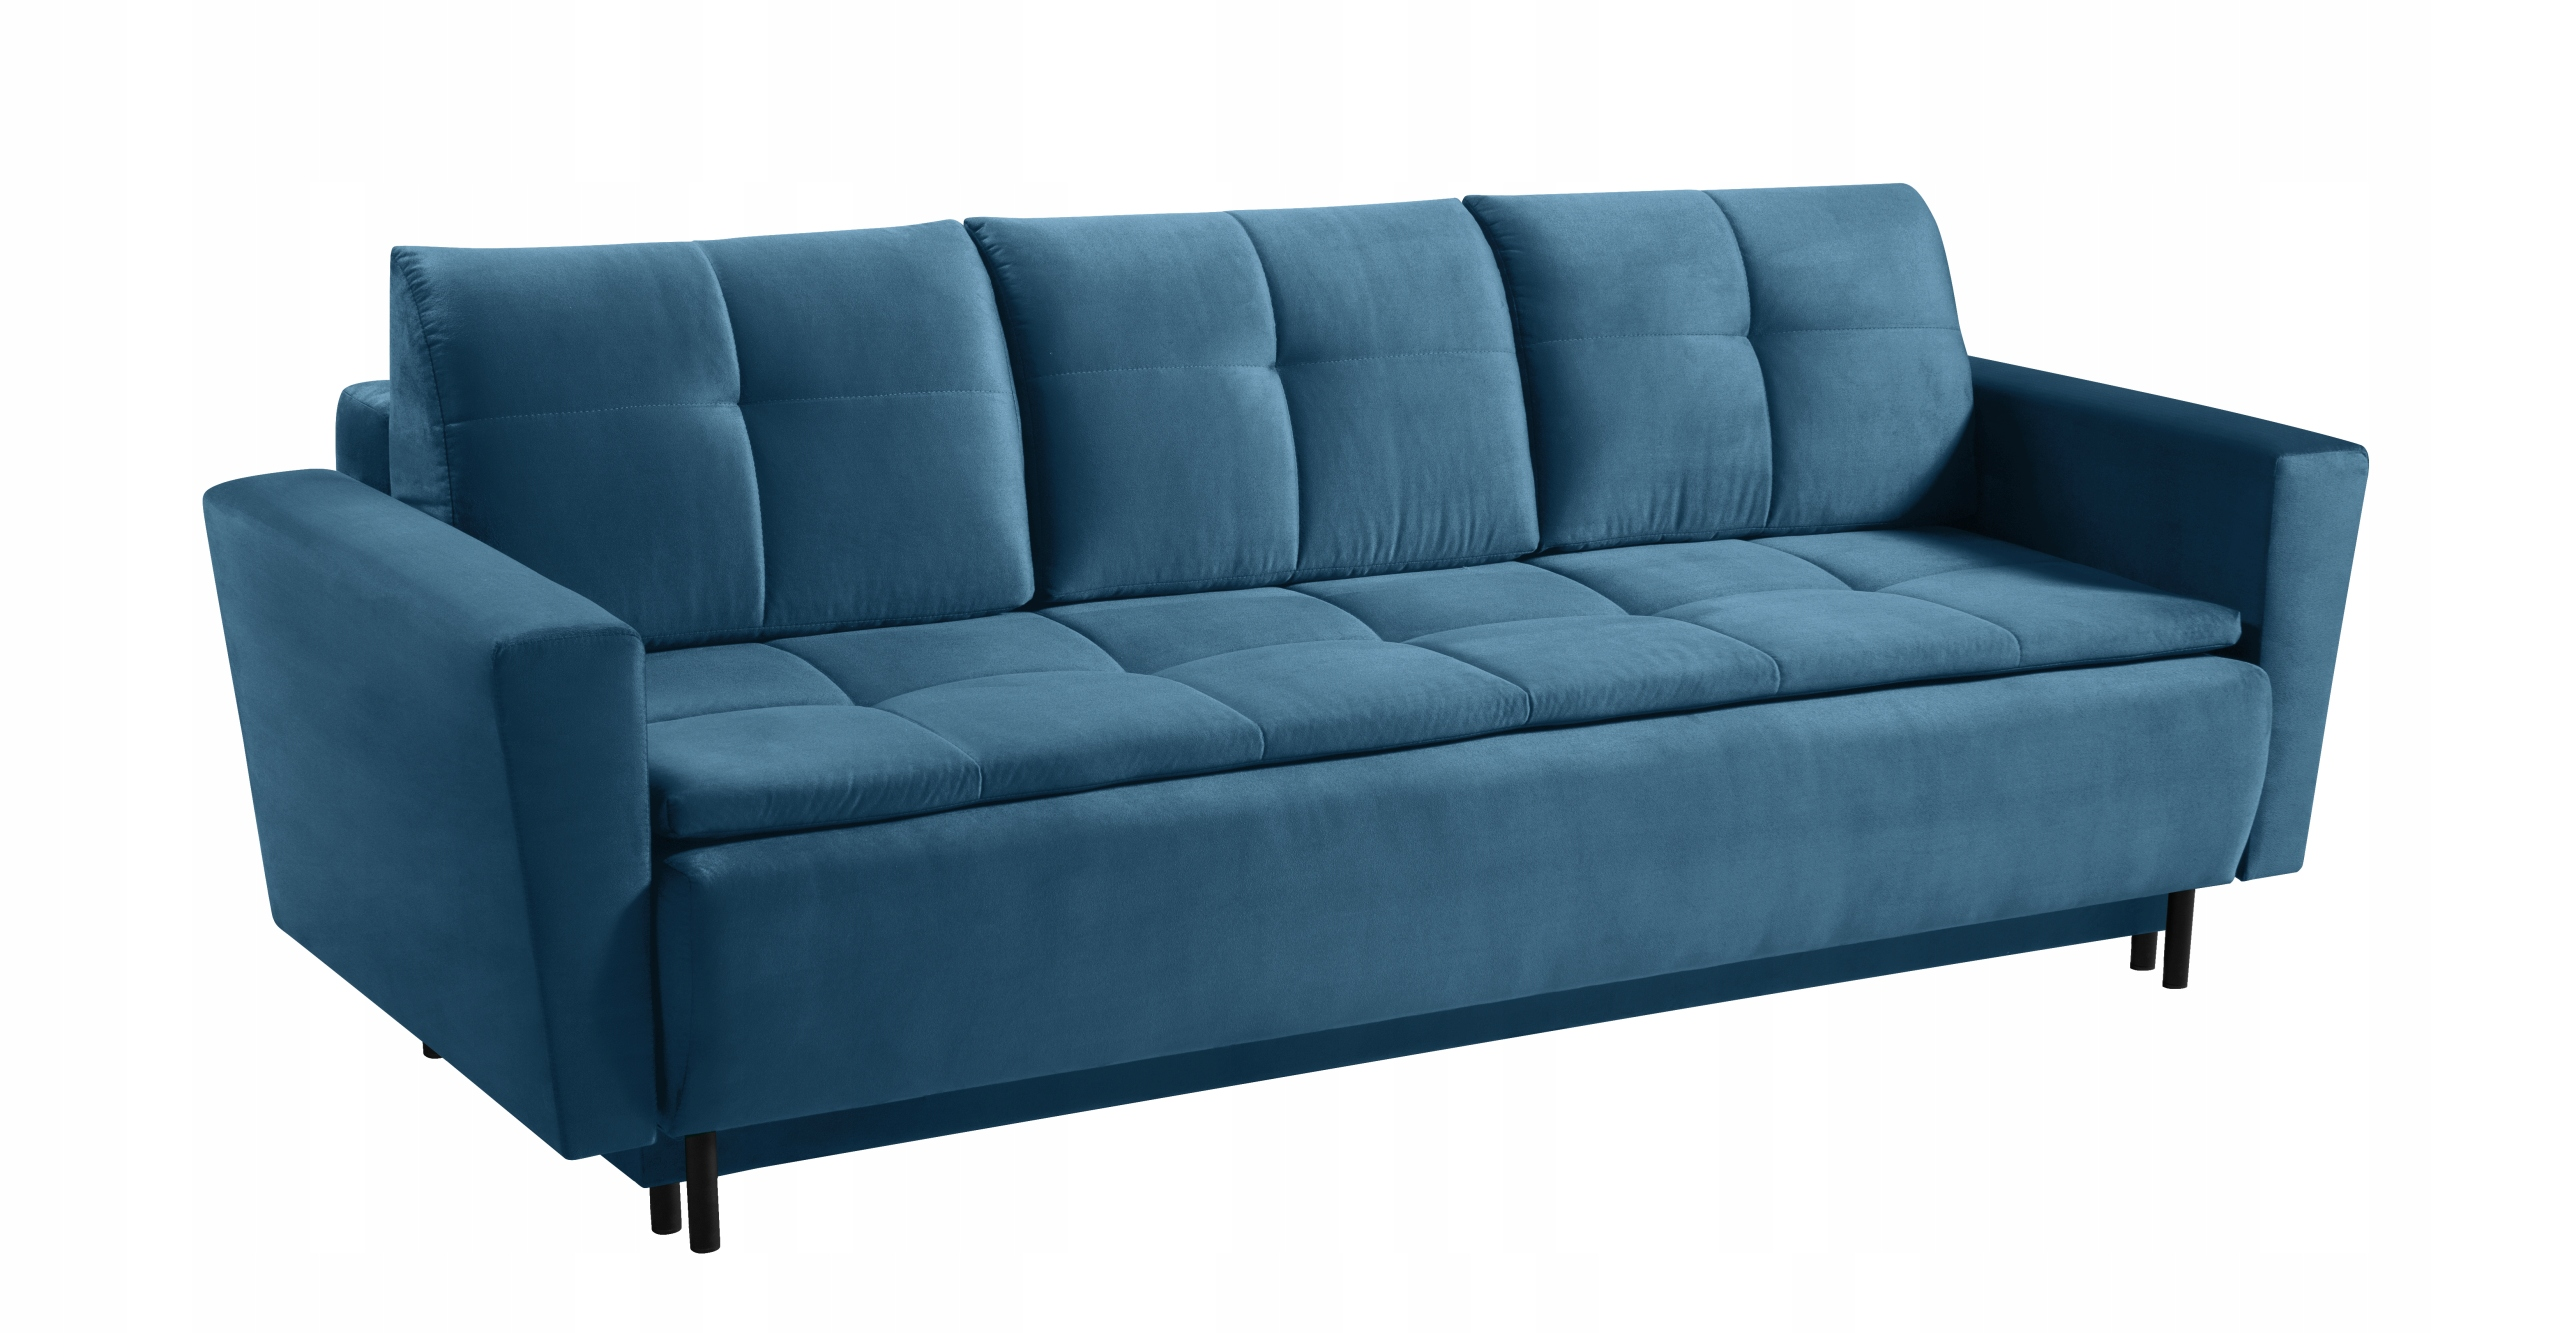 Großes Sofa SARA Schlafsofa Klappsofa - Farben Die Breite der Möbel 235 cm